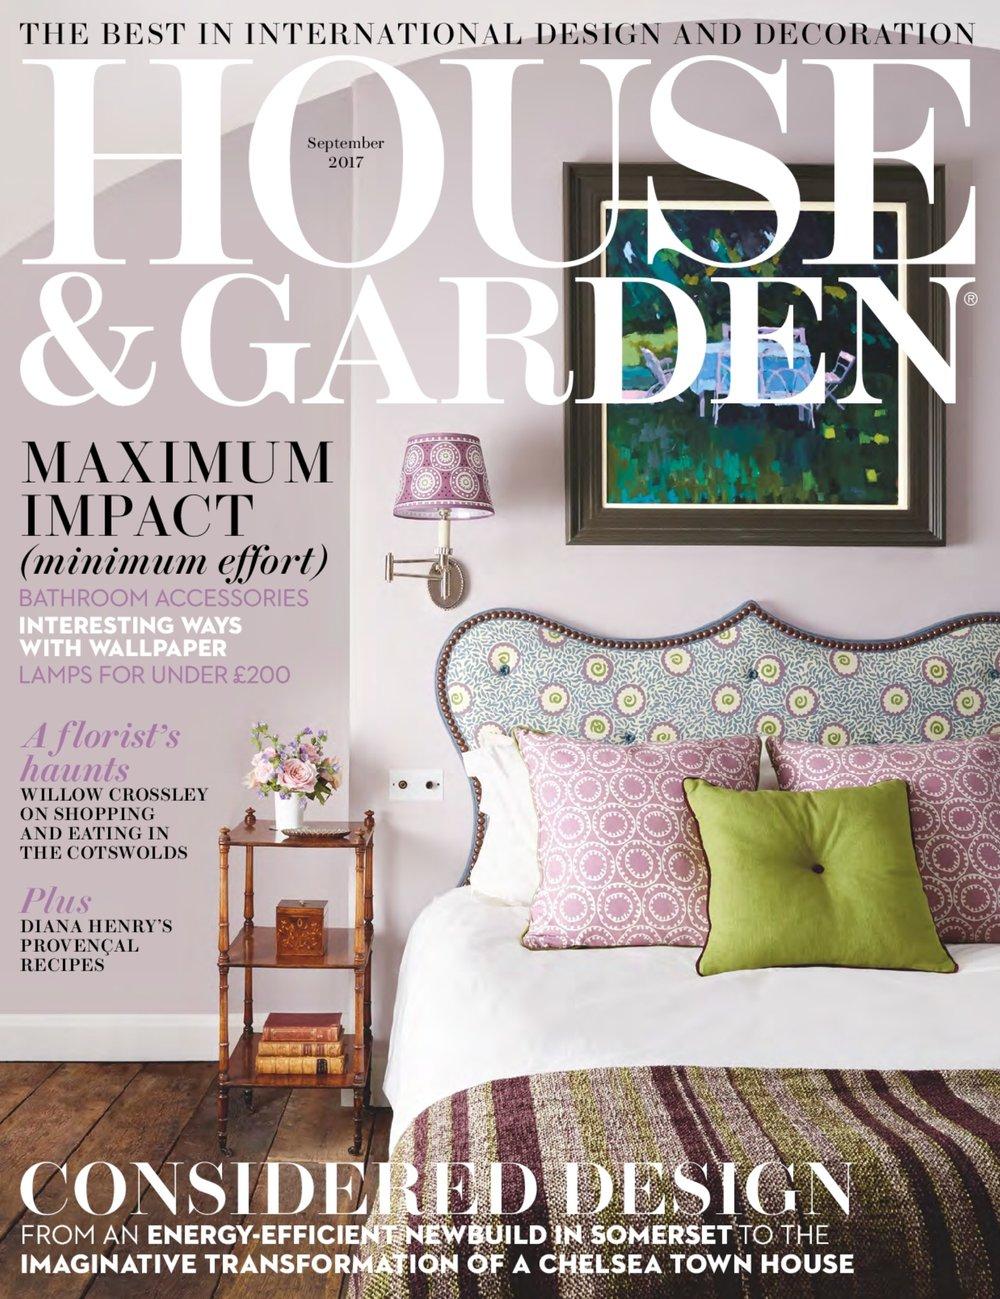 House & Garden, September 2017 — Studio Peascod